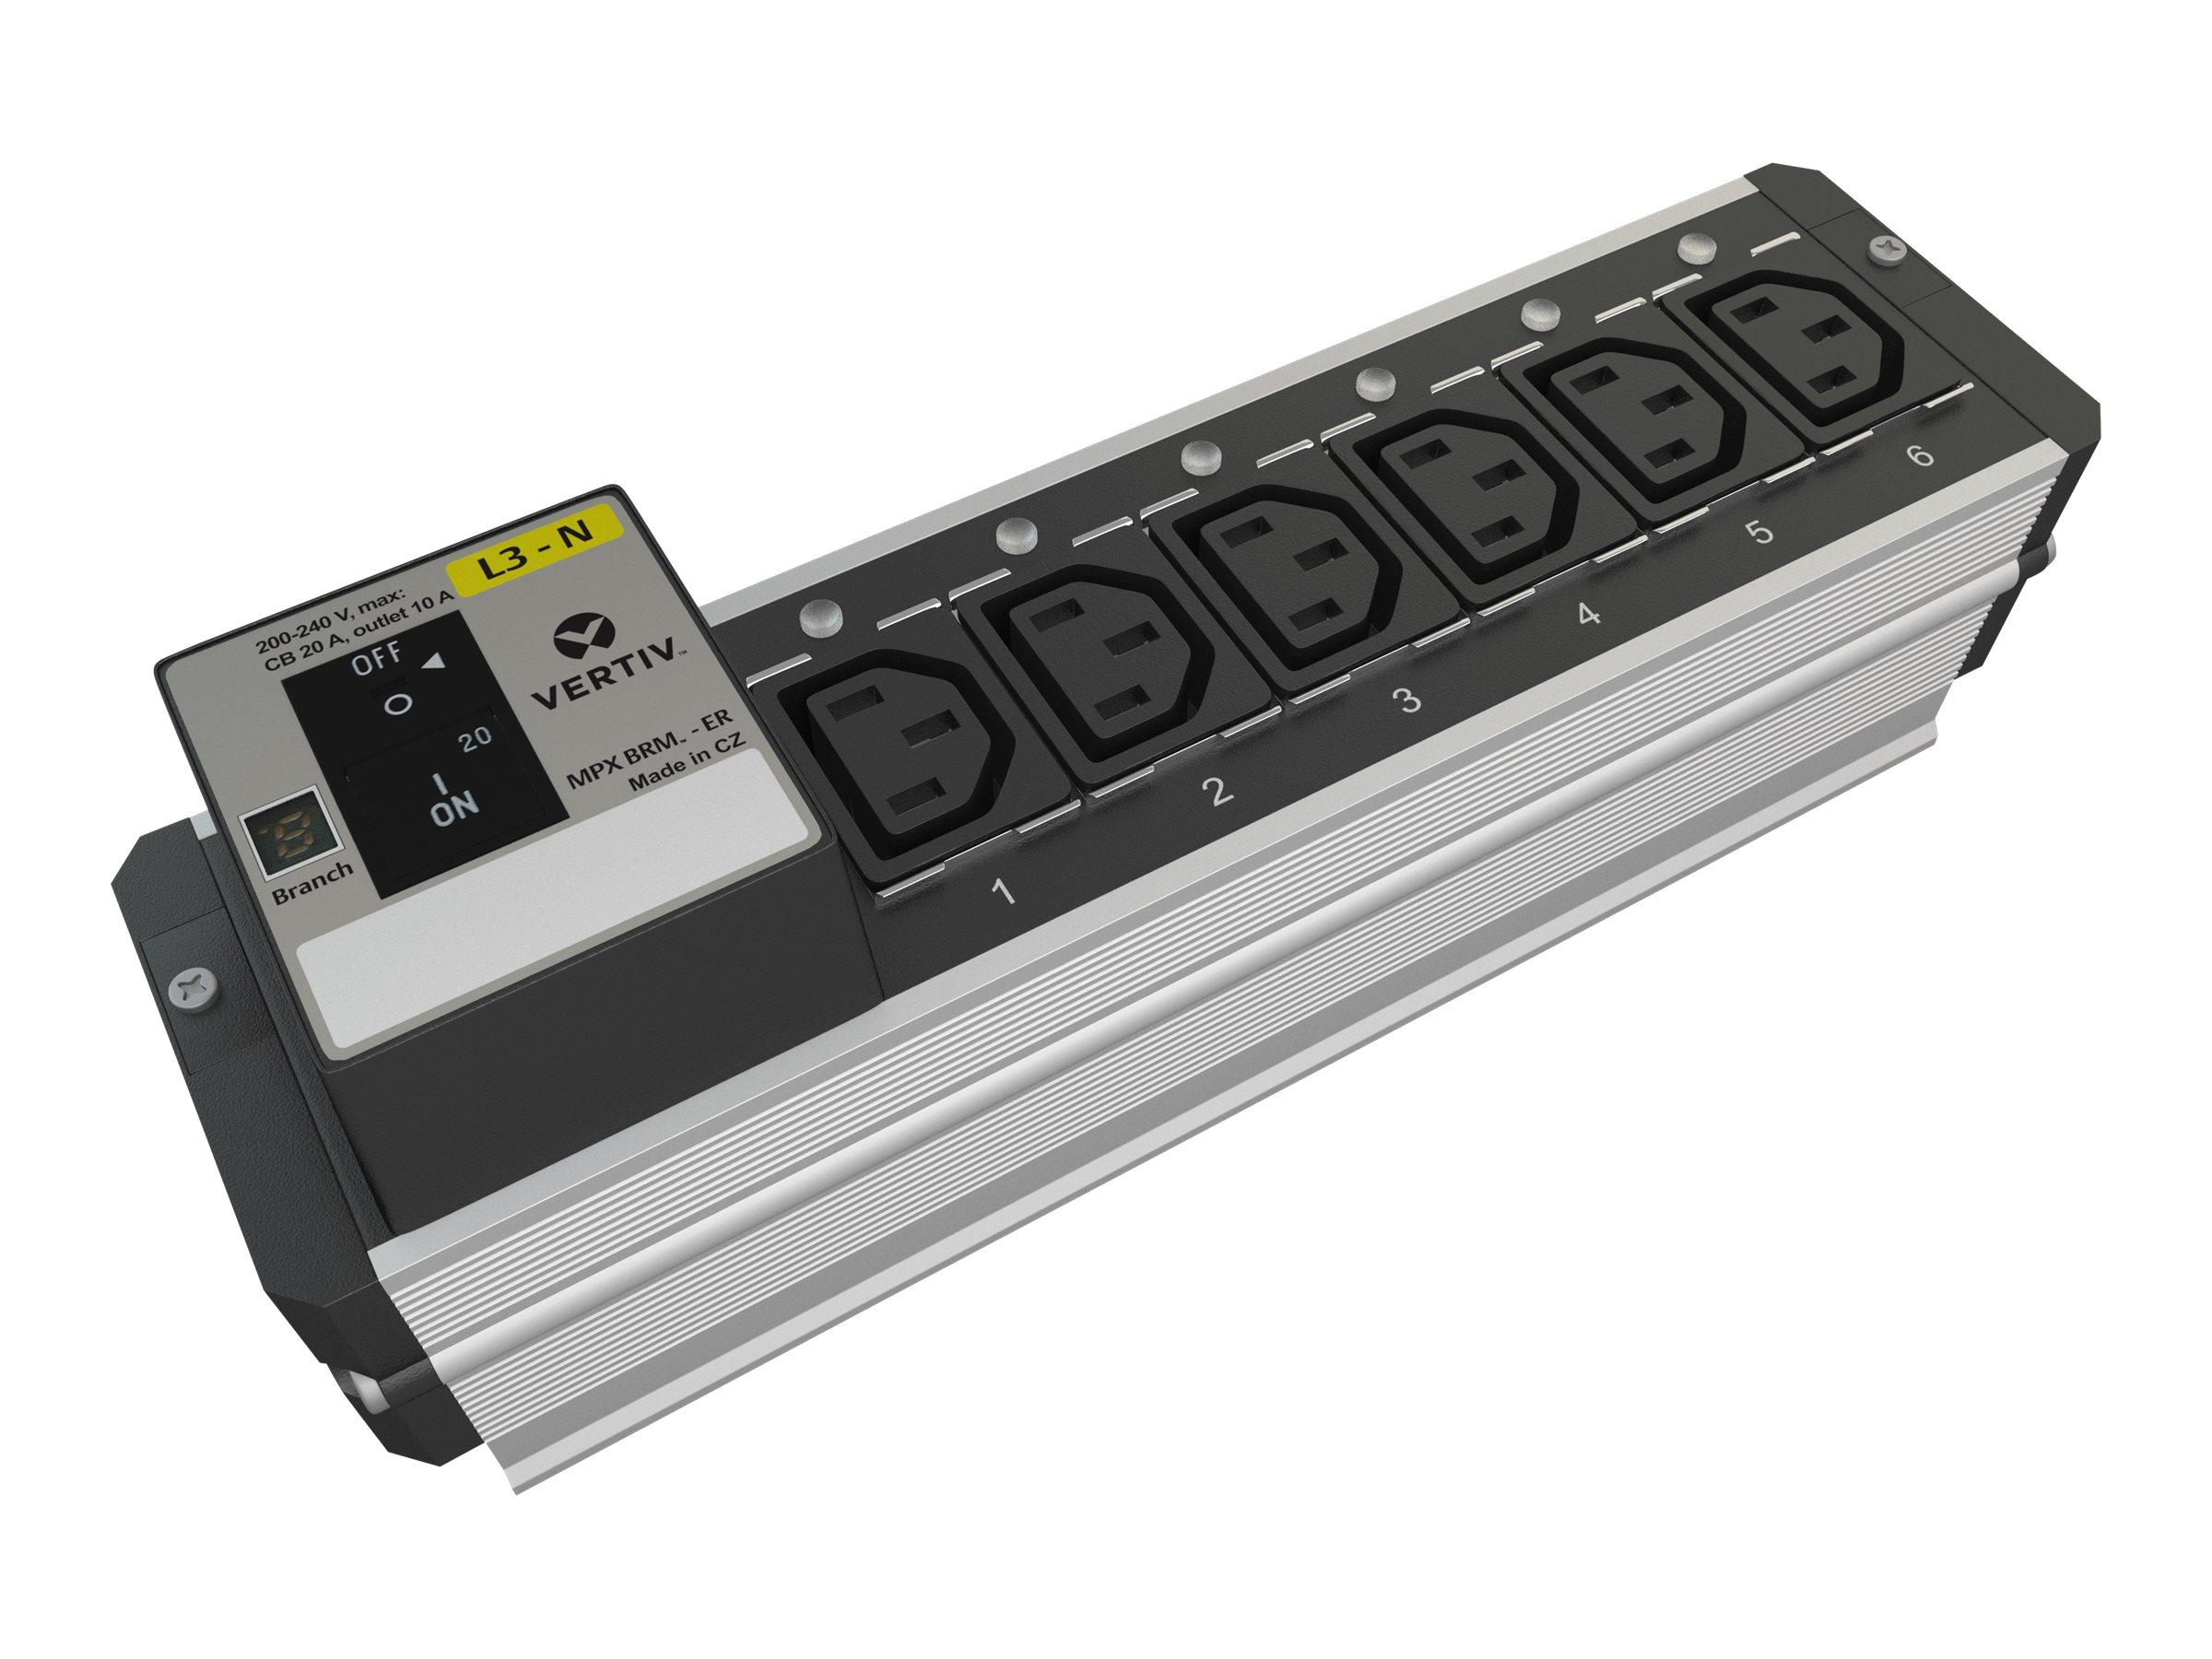 Liebert MPX BRM Receptacle Management - Erweiterungsmodul für Stromverteilungseinheit (Rack - einbaufähig) - Ausgangsanschlüsse: